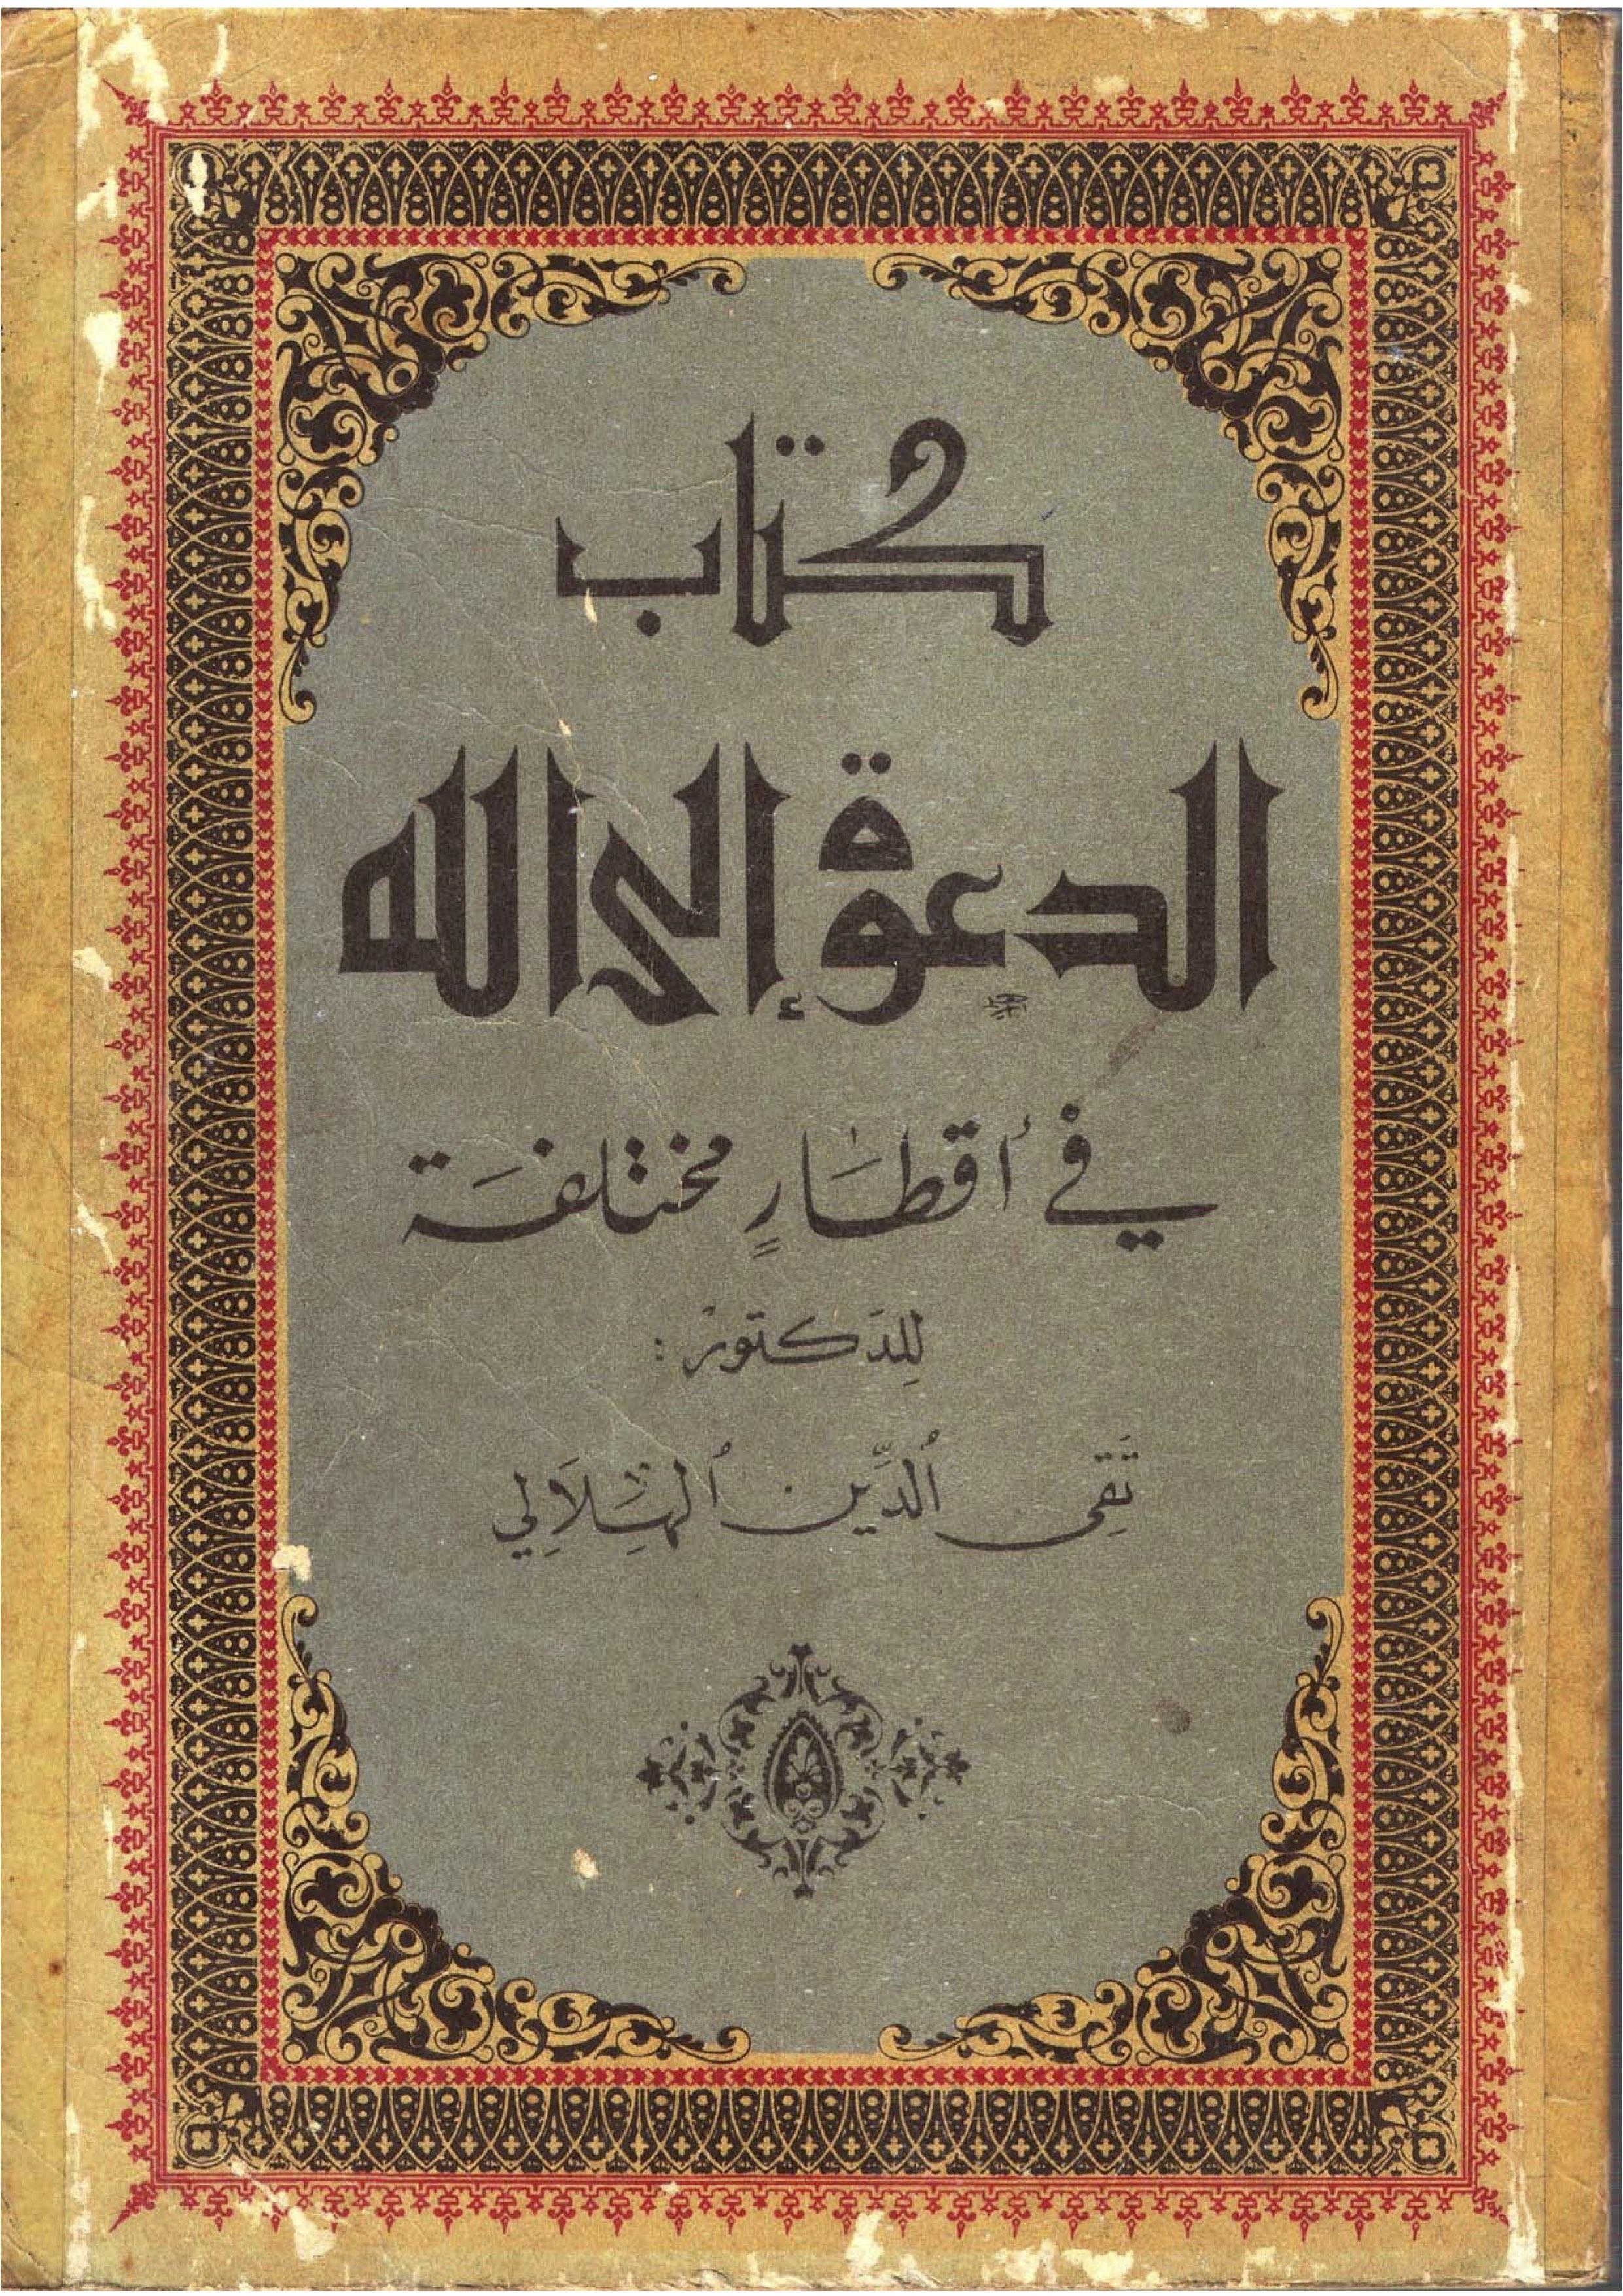 كتاب الدعوة إلى الله في أقطار مختلفة تقي الدين الهلالي Arabic Calligraphy Books Calligraphy